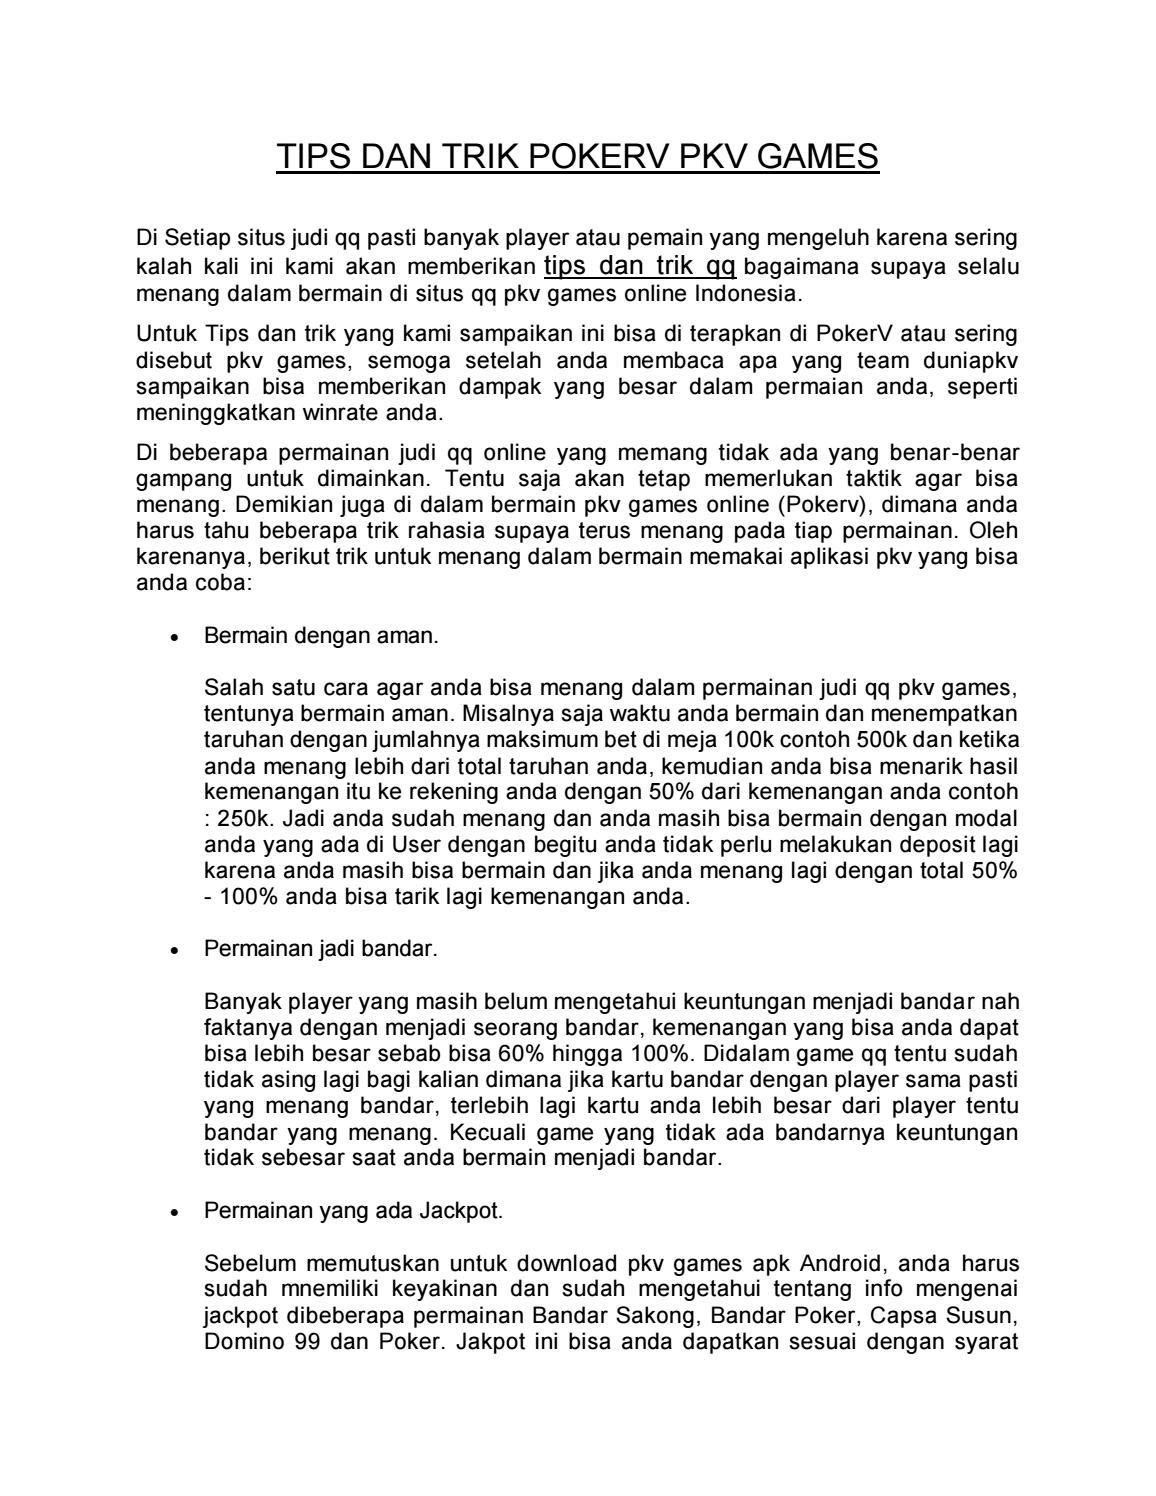 Tips Dan Trik Bermain Pkv Games By Debby Anggun Issuu